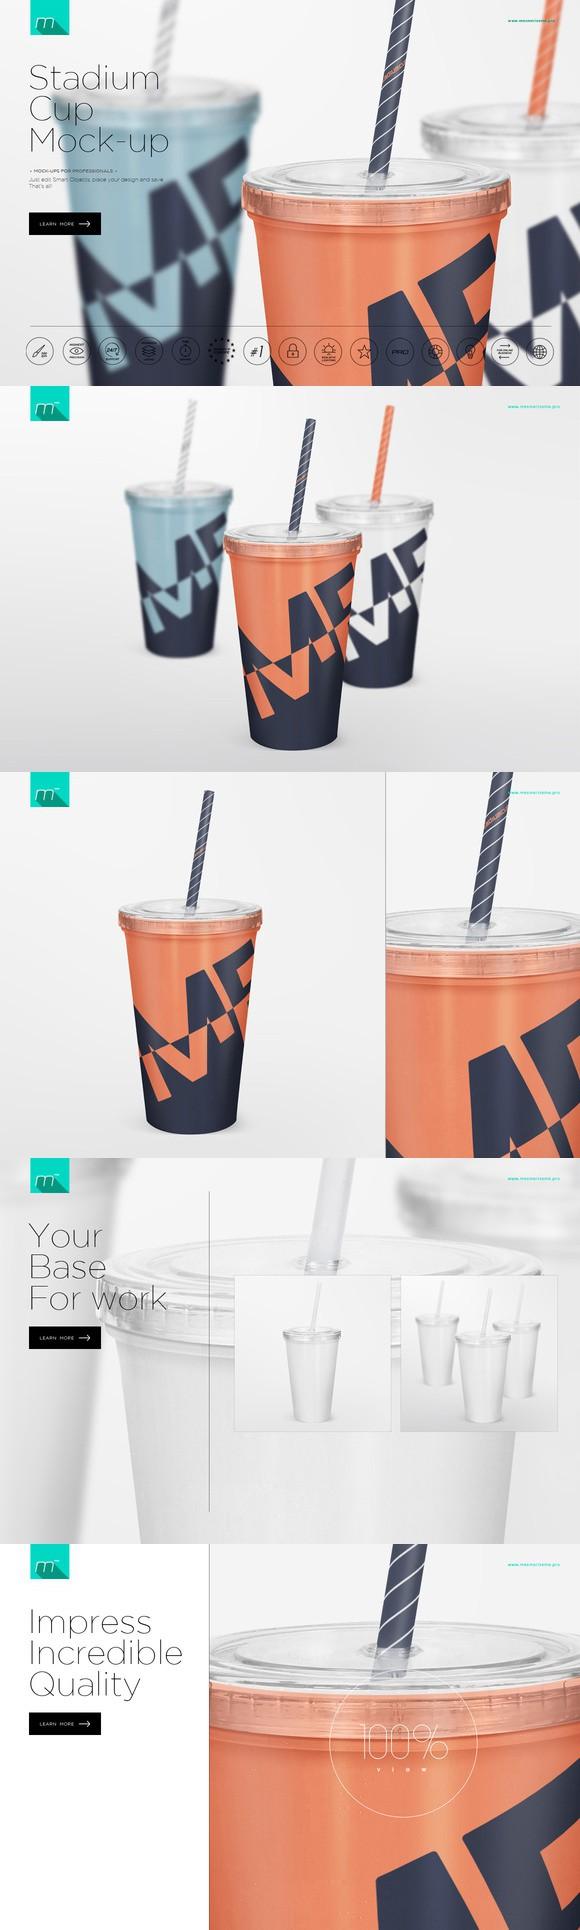 Stadium Cup Mock Up Plastic Cups Design Mockup Stadium Cups